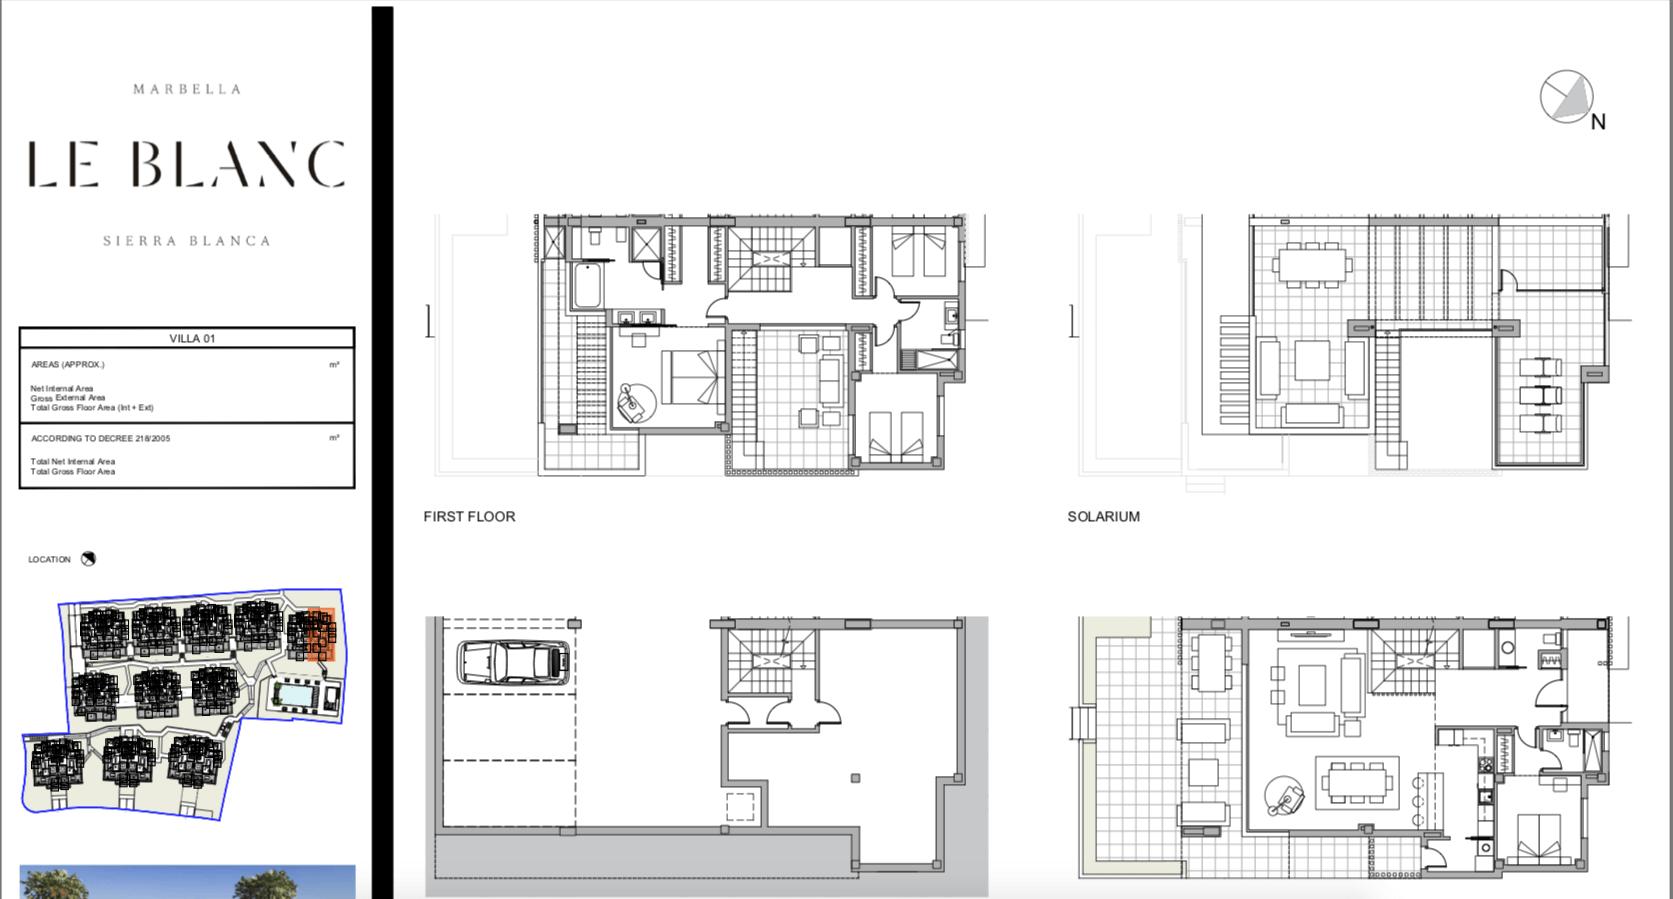 le blanc marbella sierra blanca exclusief spanje design villa te koop luxe grondplan1